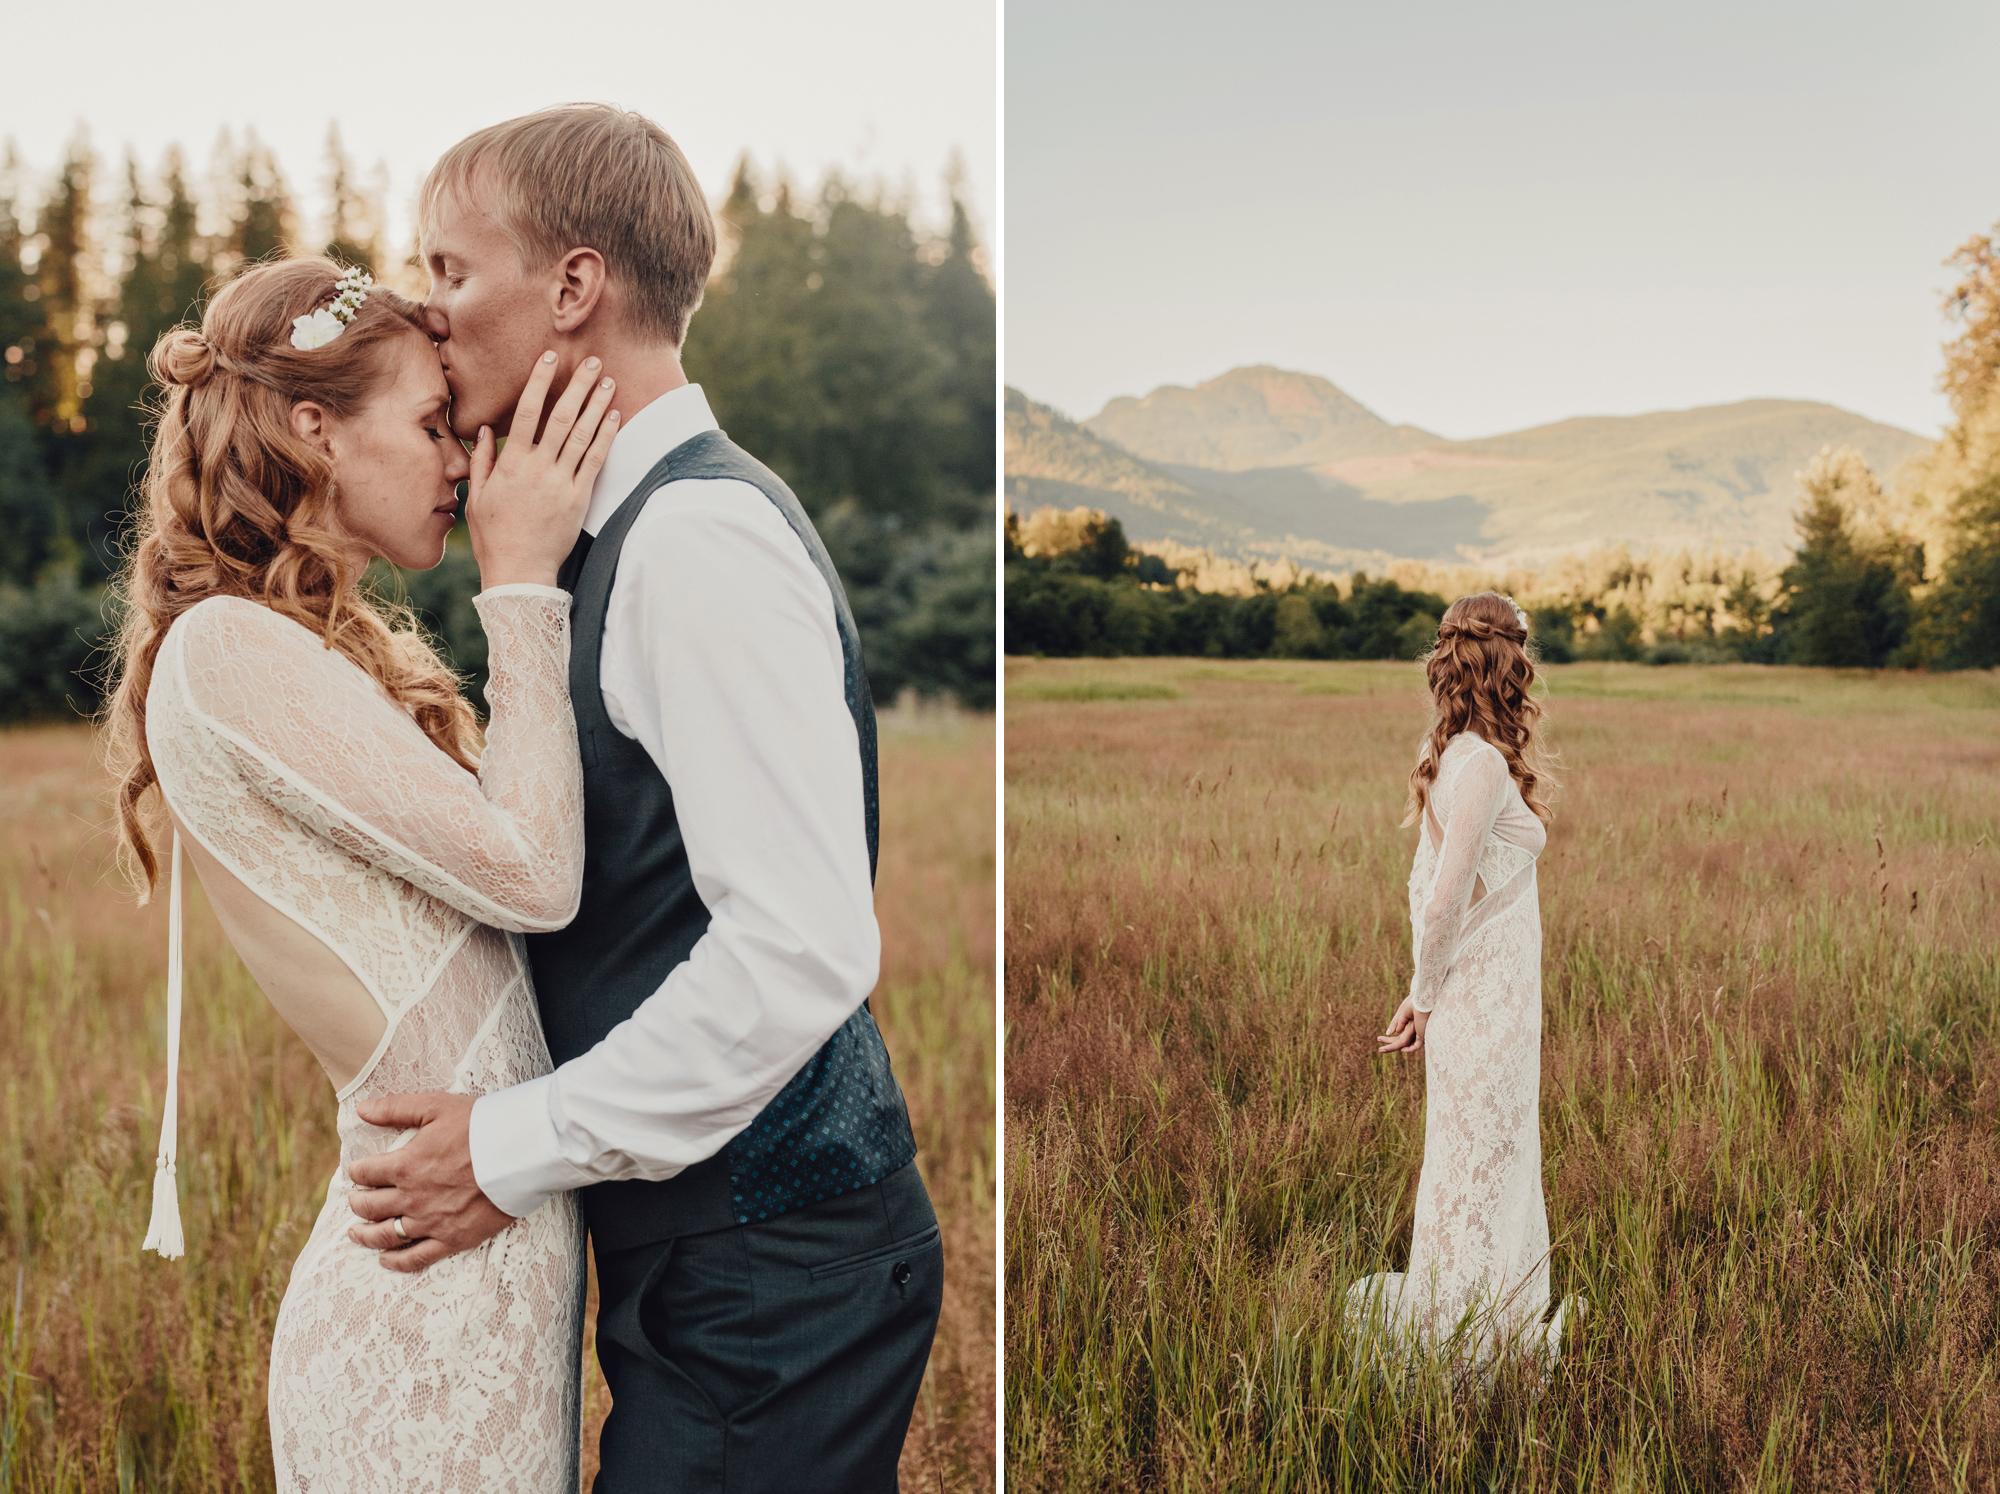 mountain-top-wedding-photos-0124.JPG